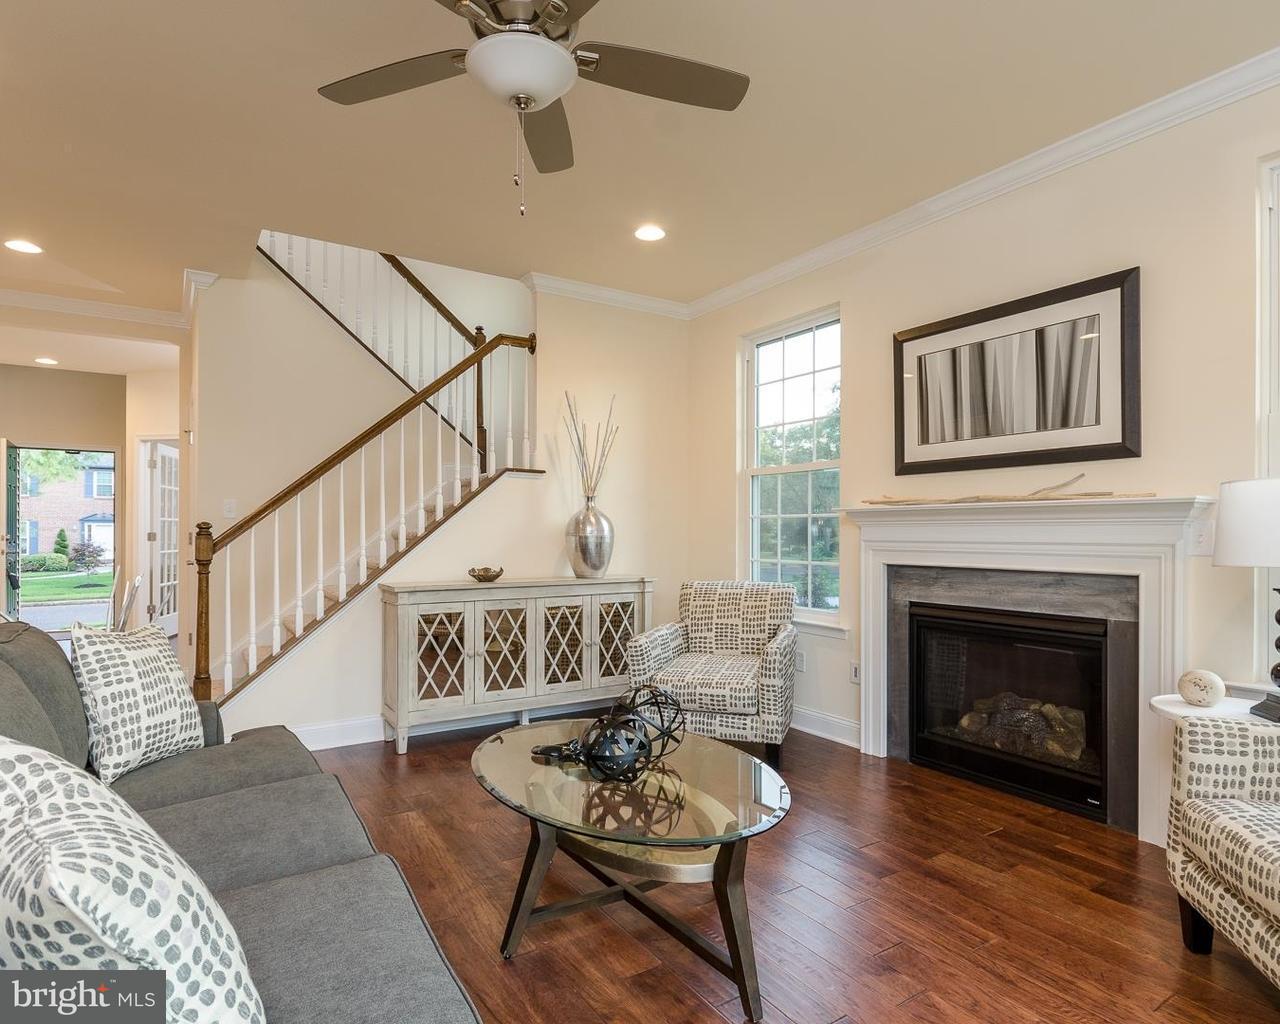 獨棟家庭住宅 為 出售 在 43 JACKSON Road Berlin Boro, 新澤西州 08009 美國